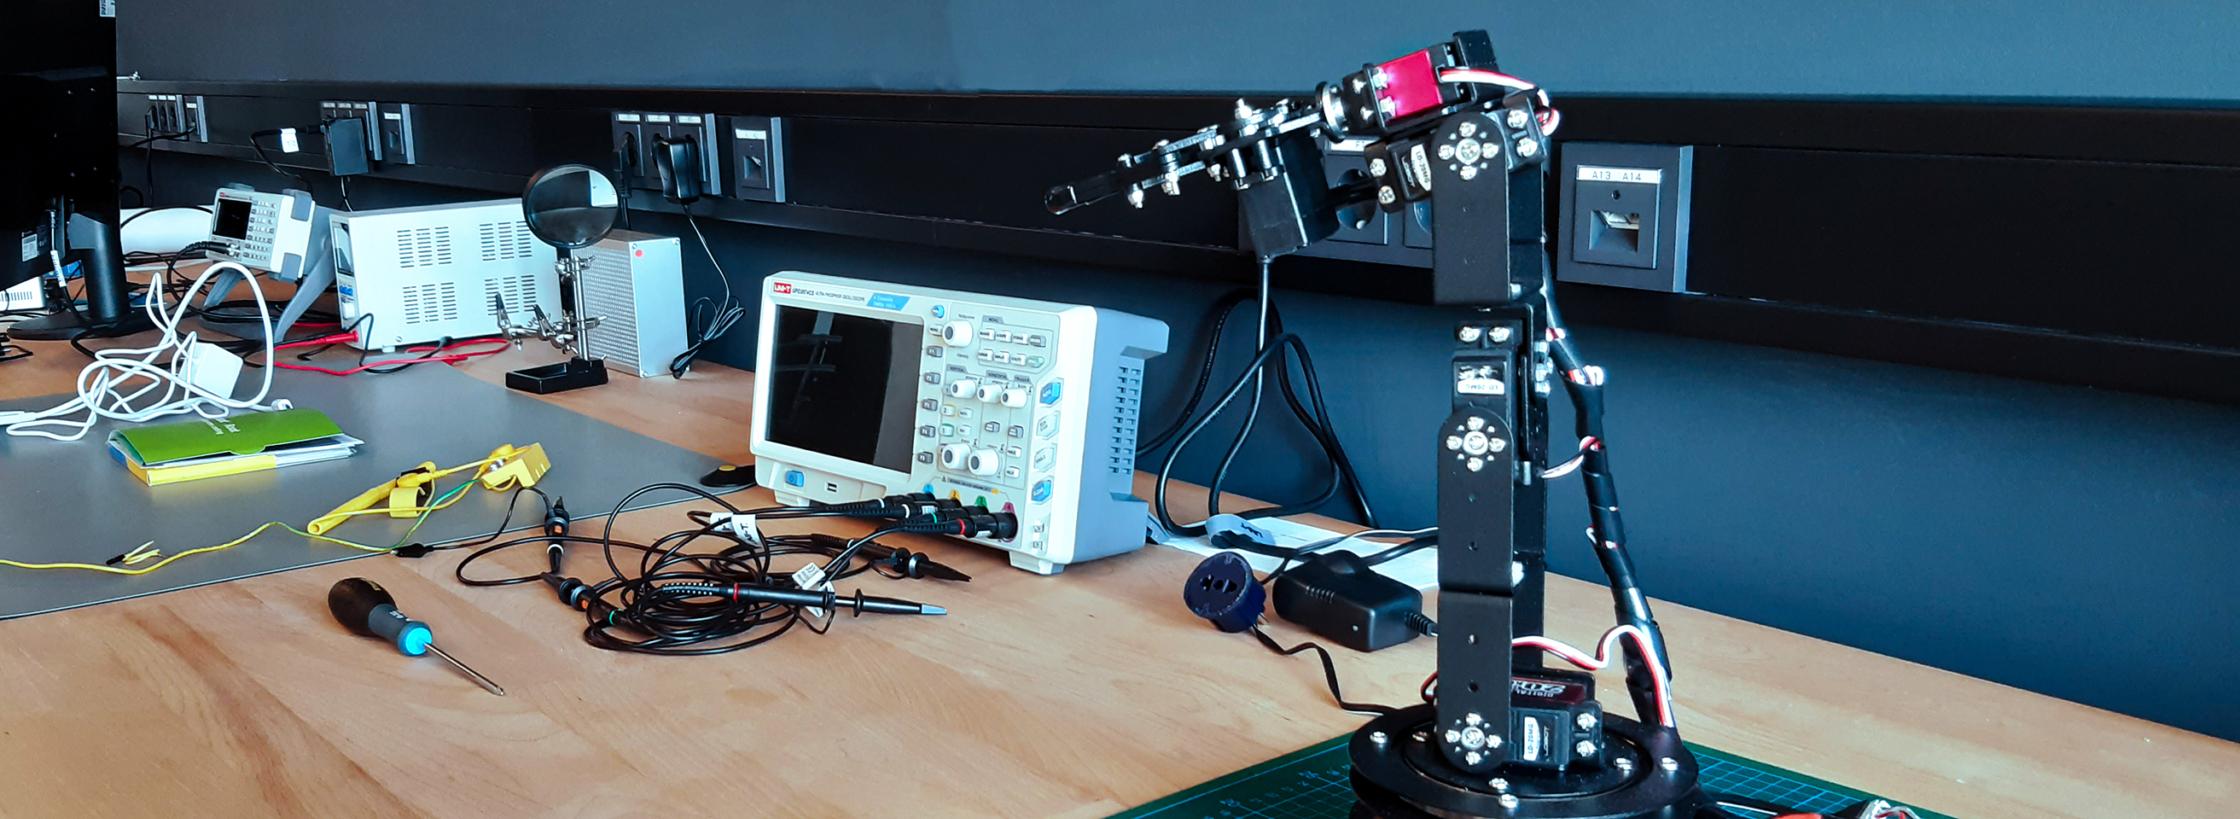 Konferenzraum im Makerspace makeIT